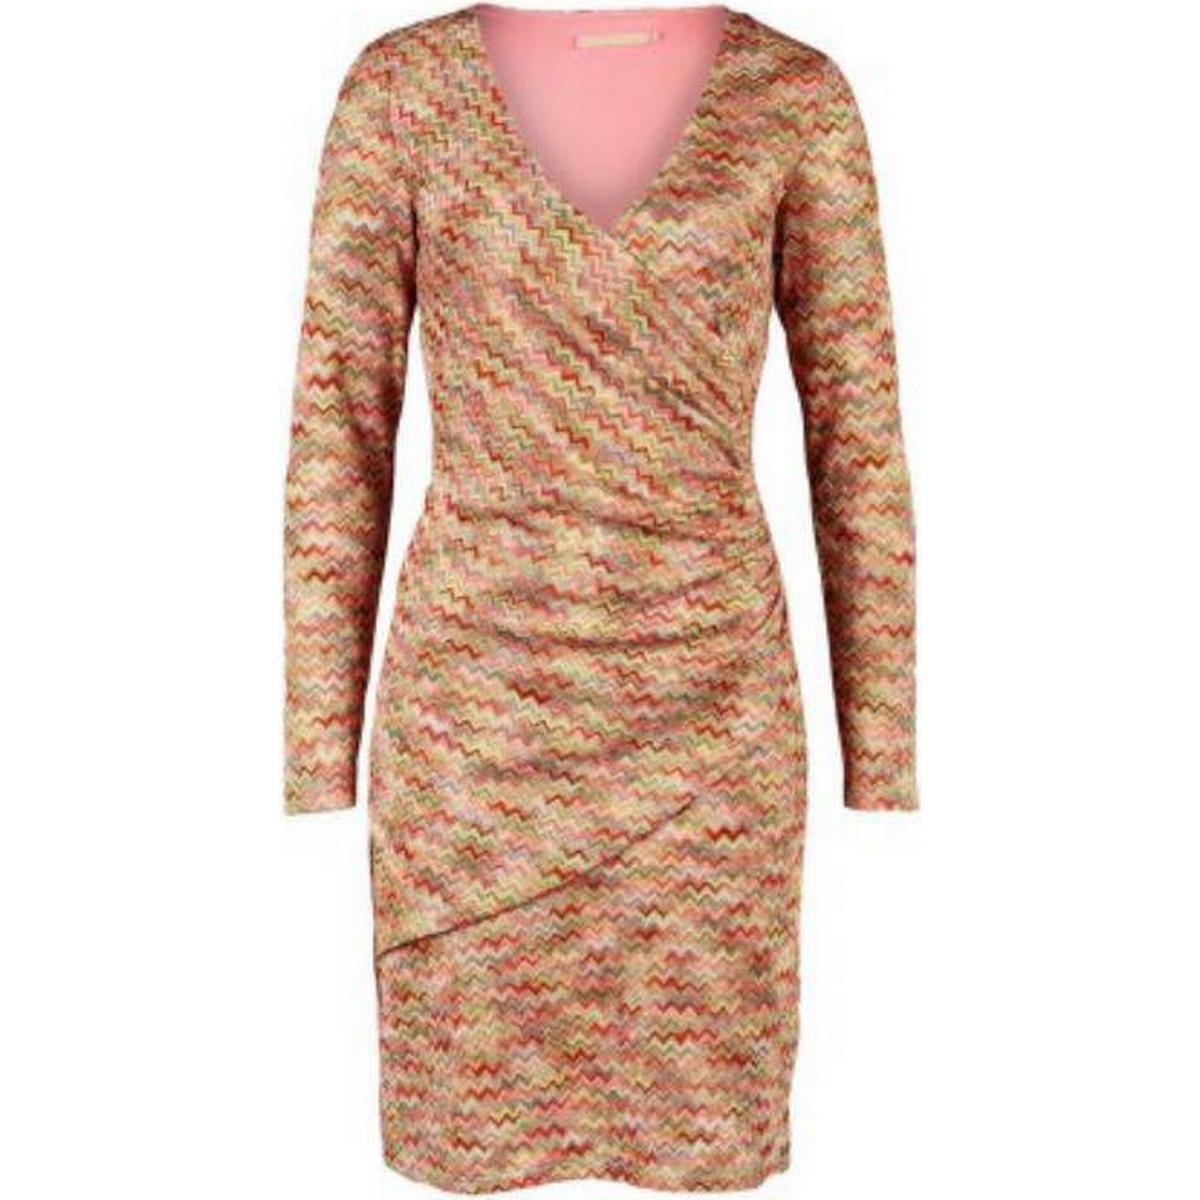 57291065b0b7 Lång ärm - Omlottklänning Damkläder - Jämför priser på Lång ärmar  PriceRunner